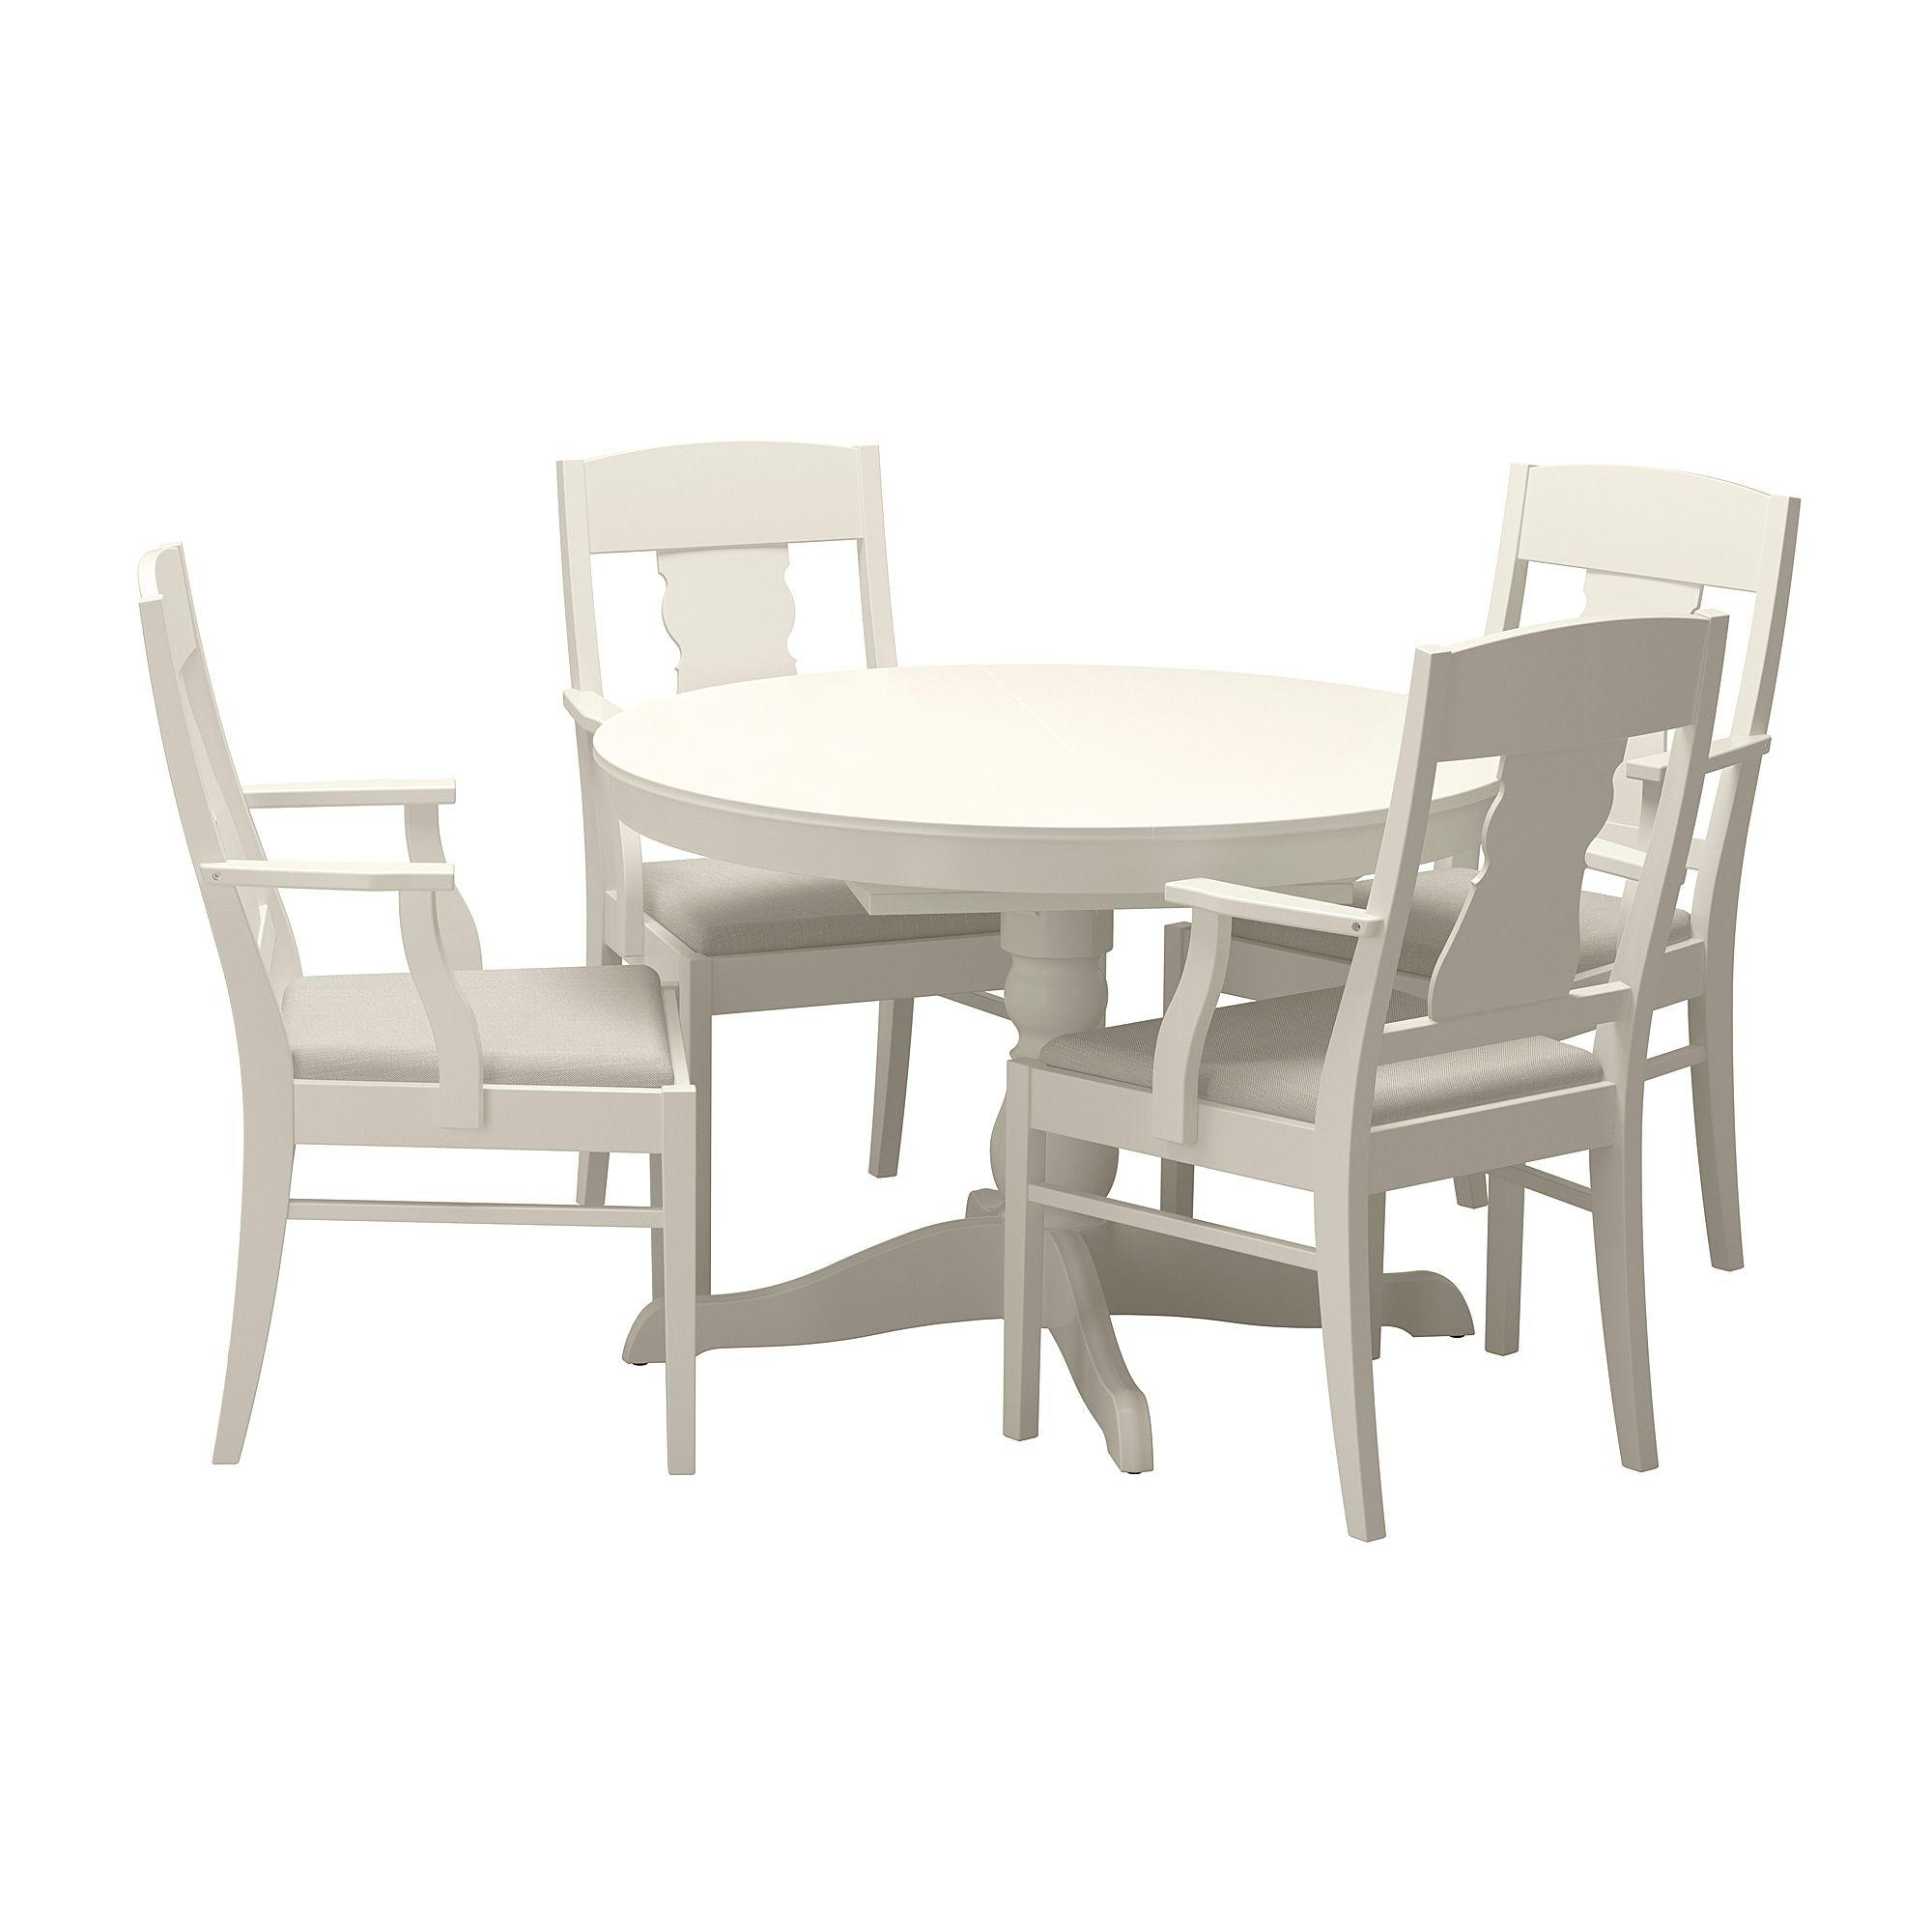 Ingatorp Tisch Und 4 Stuhle Weiss Esszimmer Mobel